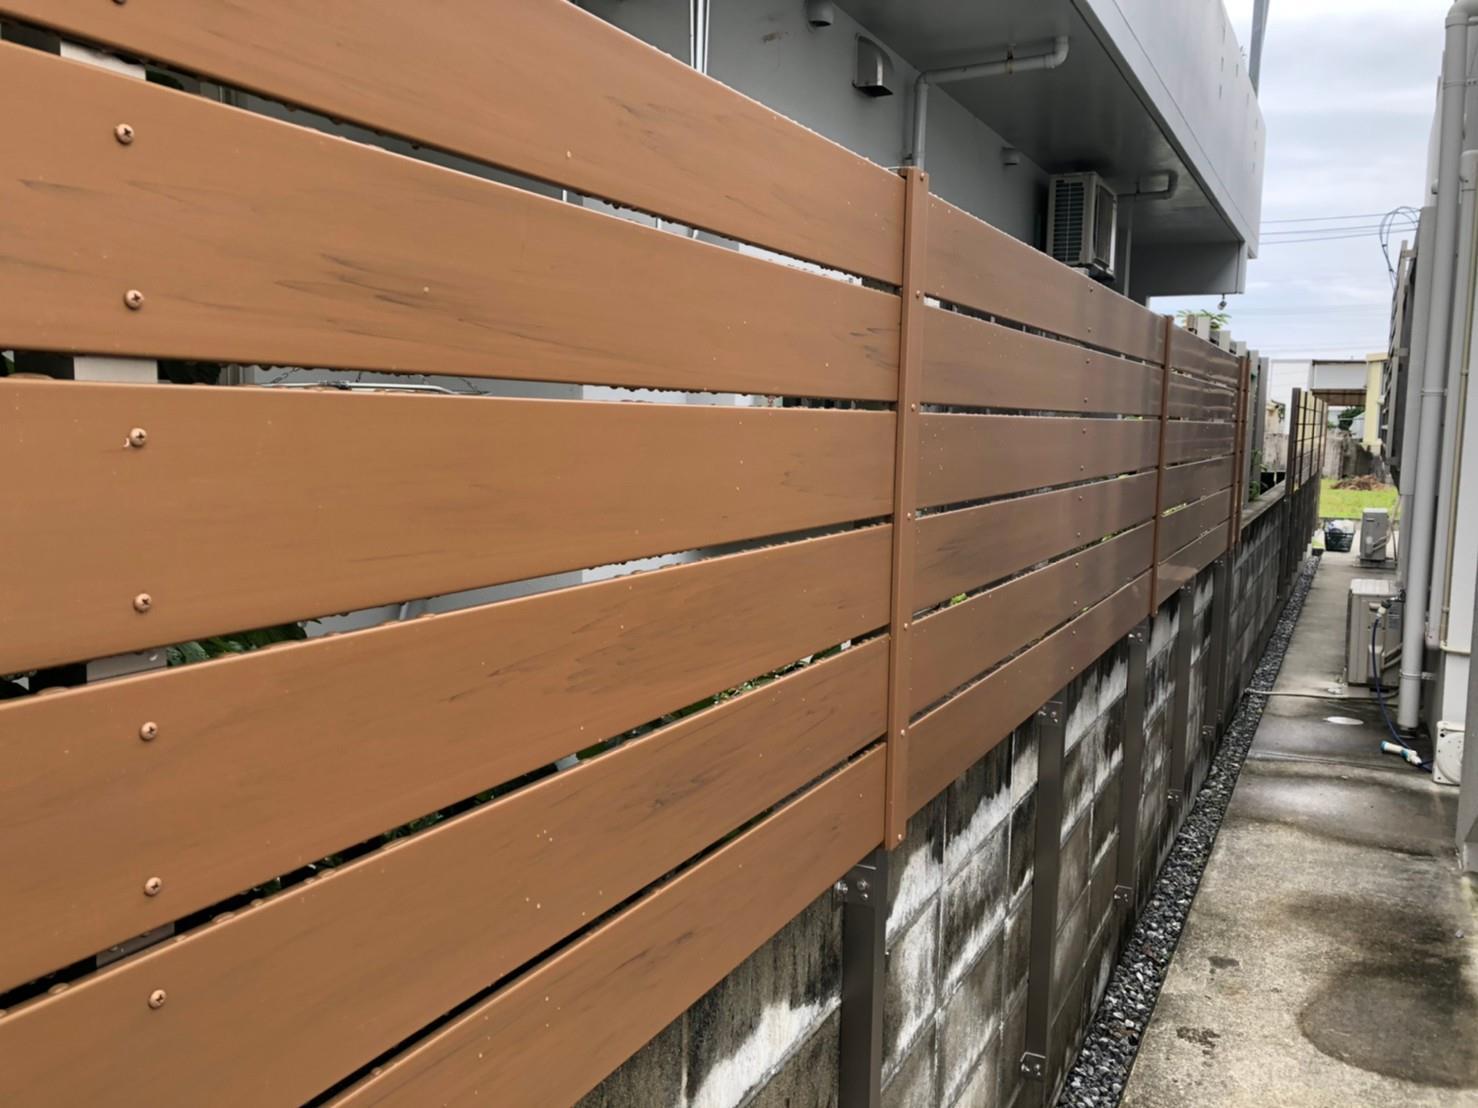 目隠しフェンス、雨よけ設置工事(リフォーム施工事例)を公開しました。   沖縄や那覇でリフォームするなら【株式会社 あうん工房】